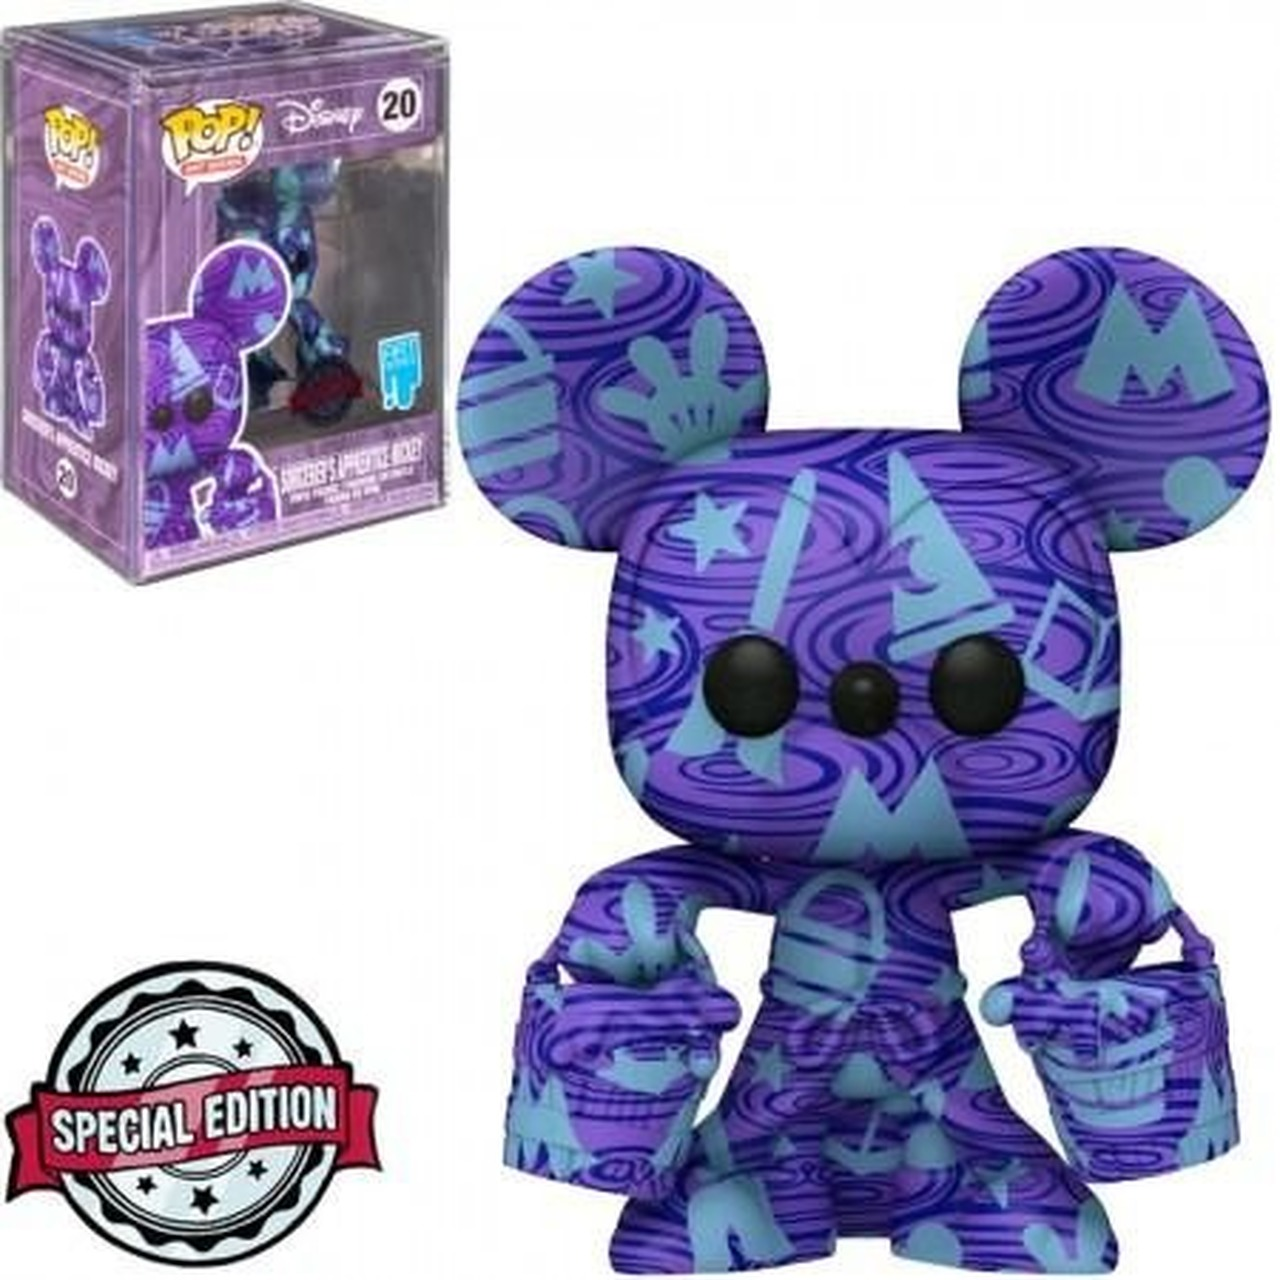 Funko Pop! Aprendiz de Feiticeiro Mickey Mouse Disney Art Series Edição Especial Special Edition #20 - Funko